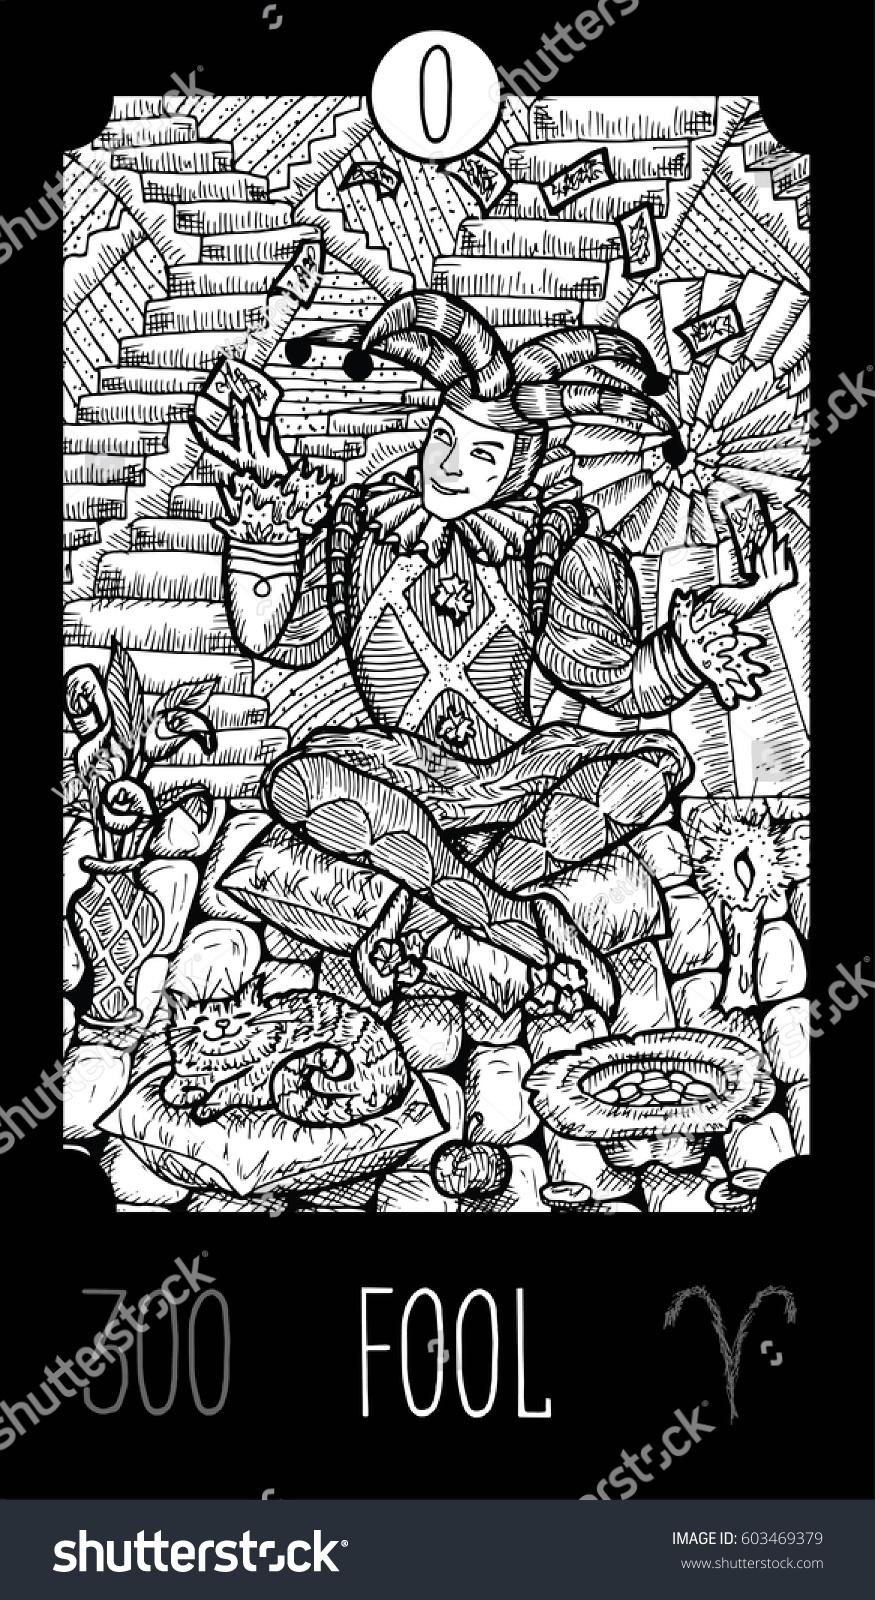 0 Major Arcana Tarot Card Fantasy Engraved Line Art Illustration Vector